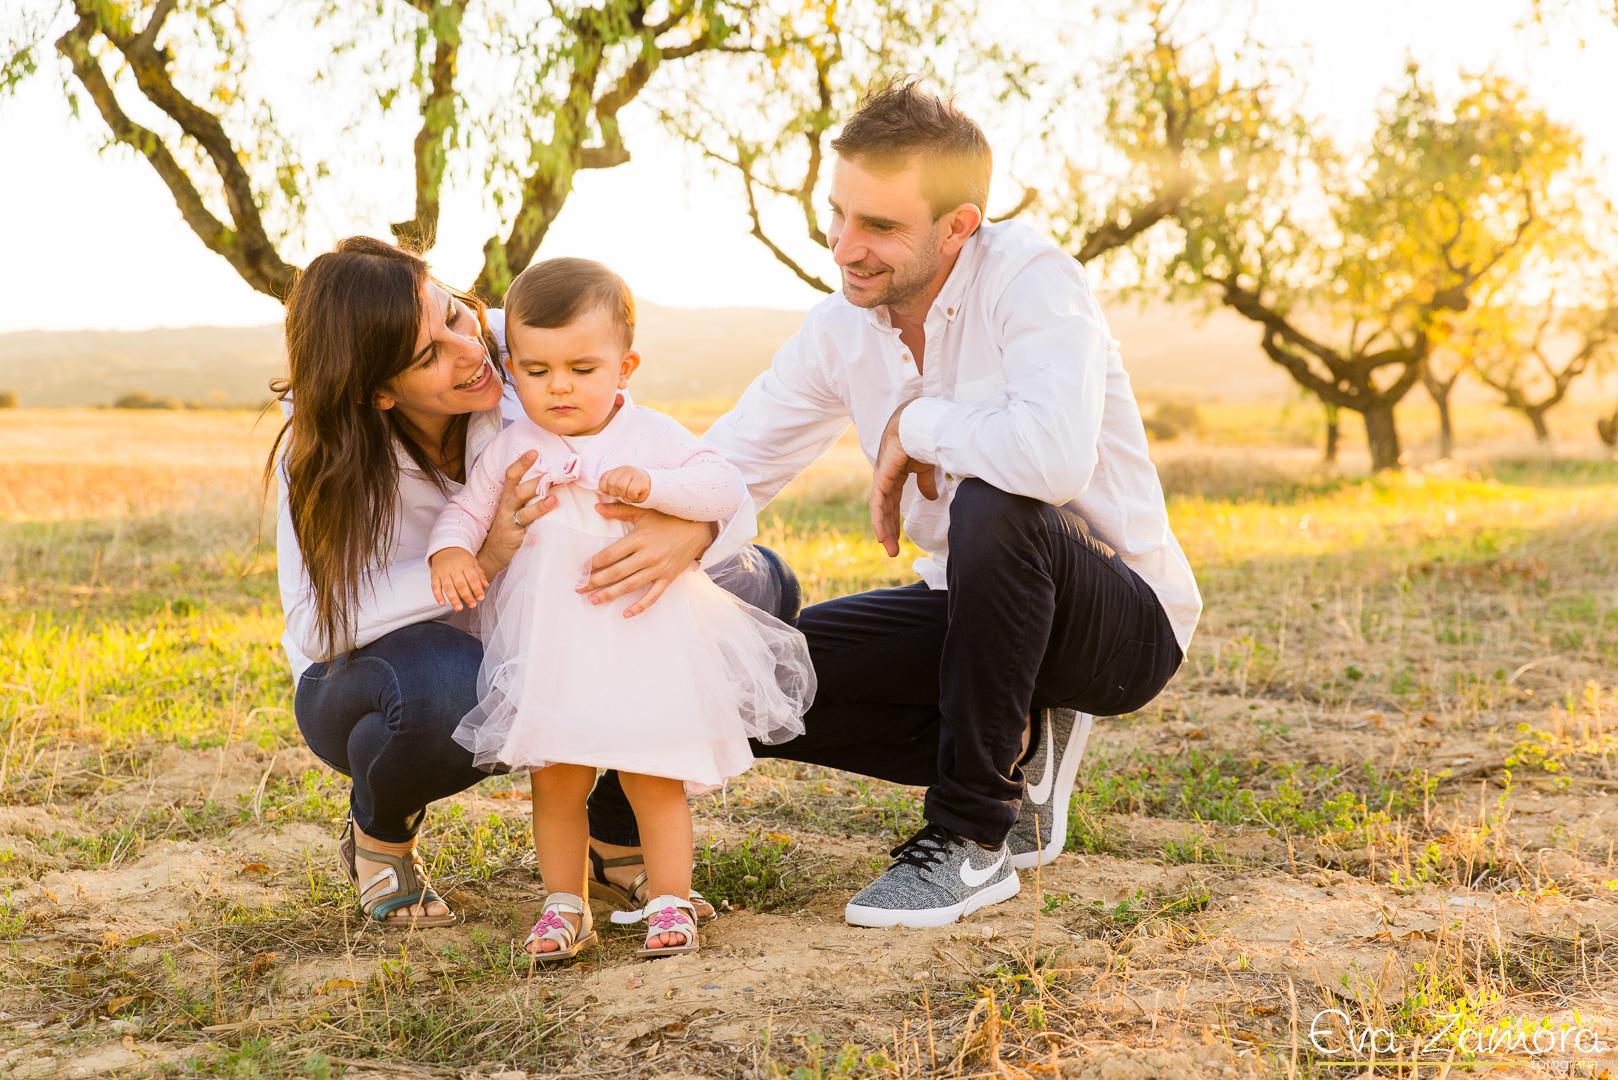 reportaje fotográfico de familia